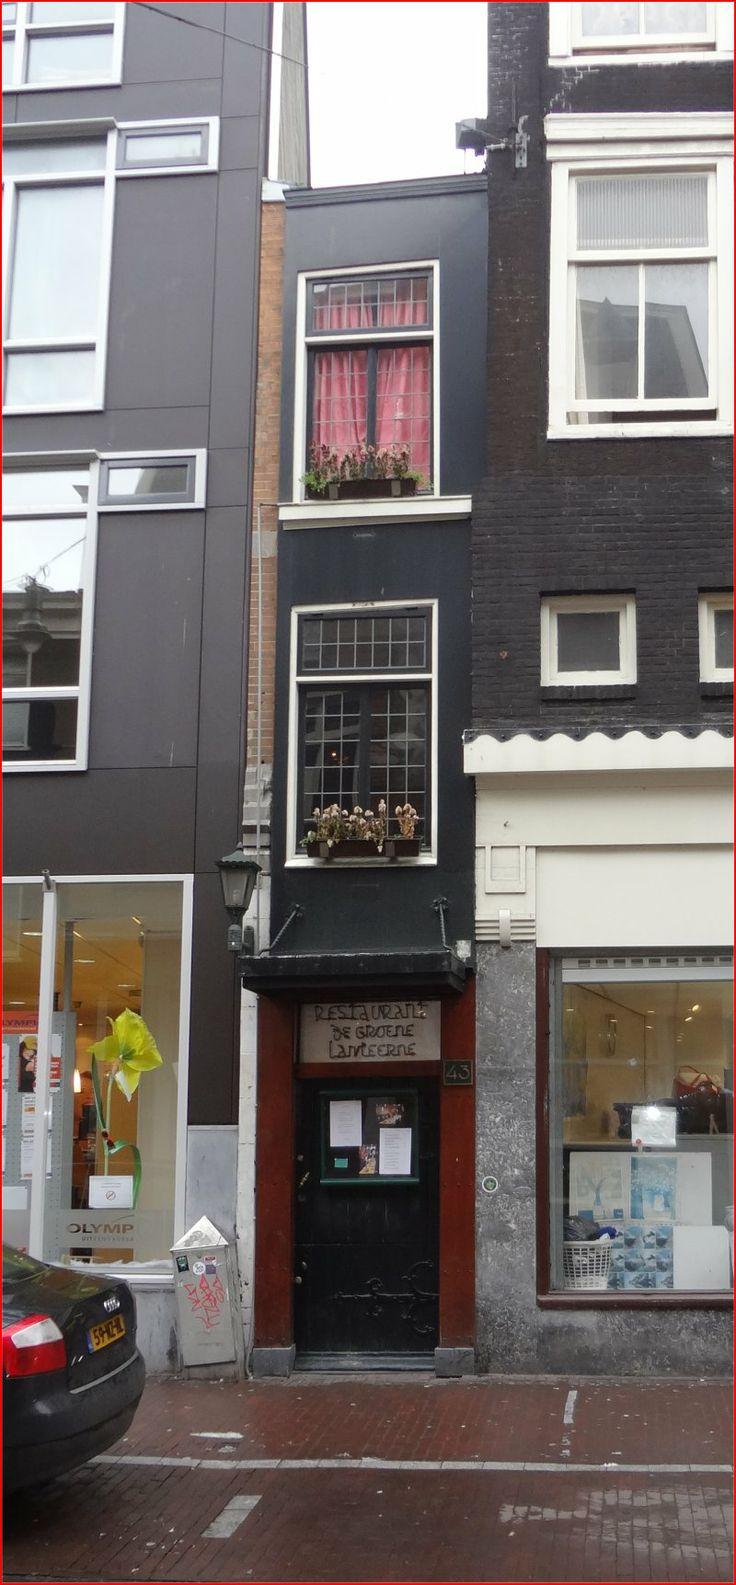 #Haarlemmerstraat restaurant de groene Lantaarn